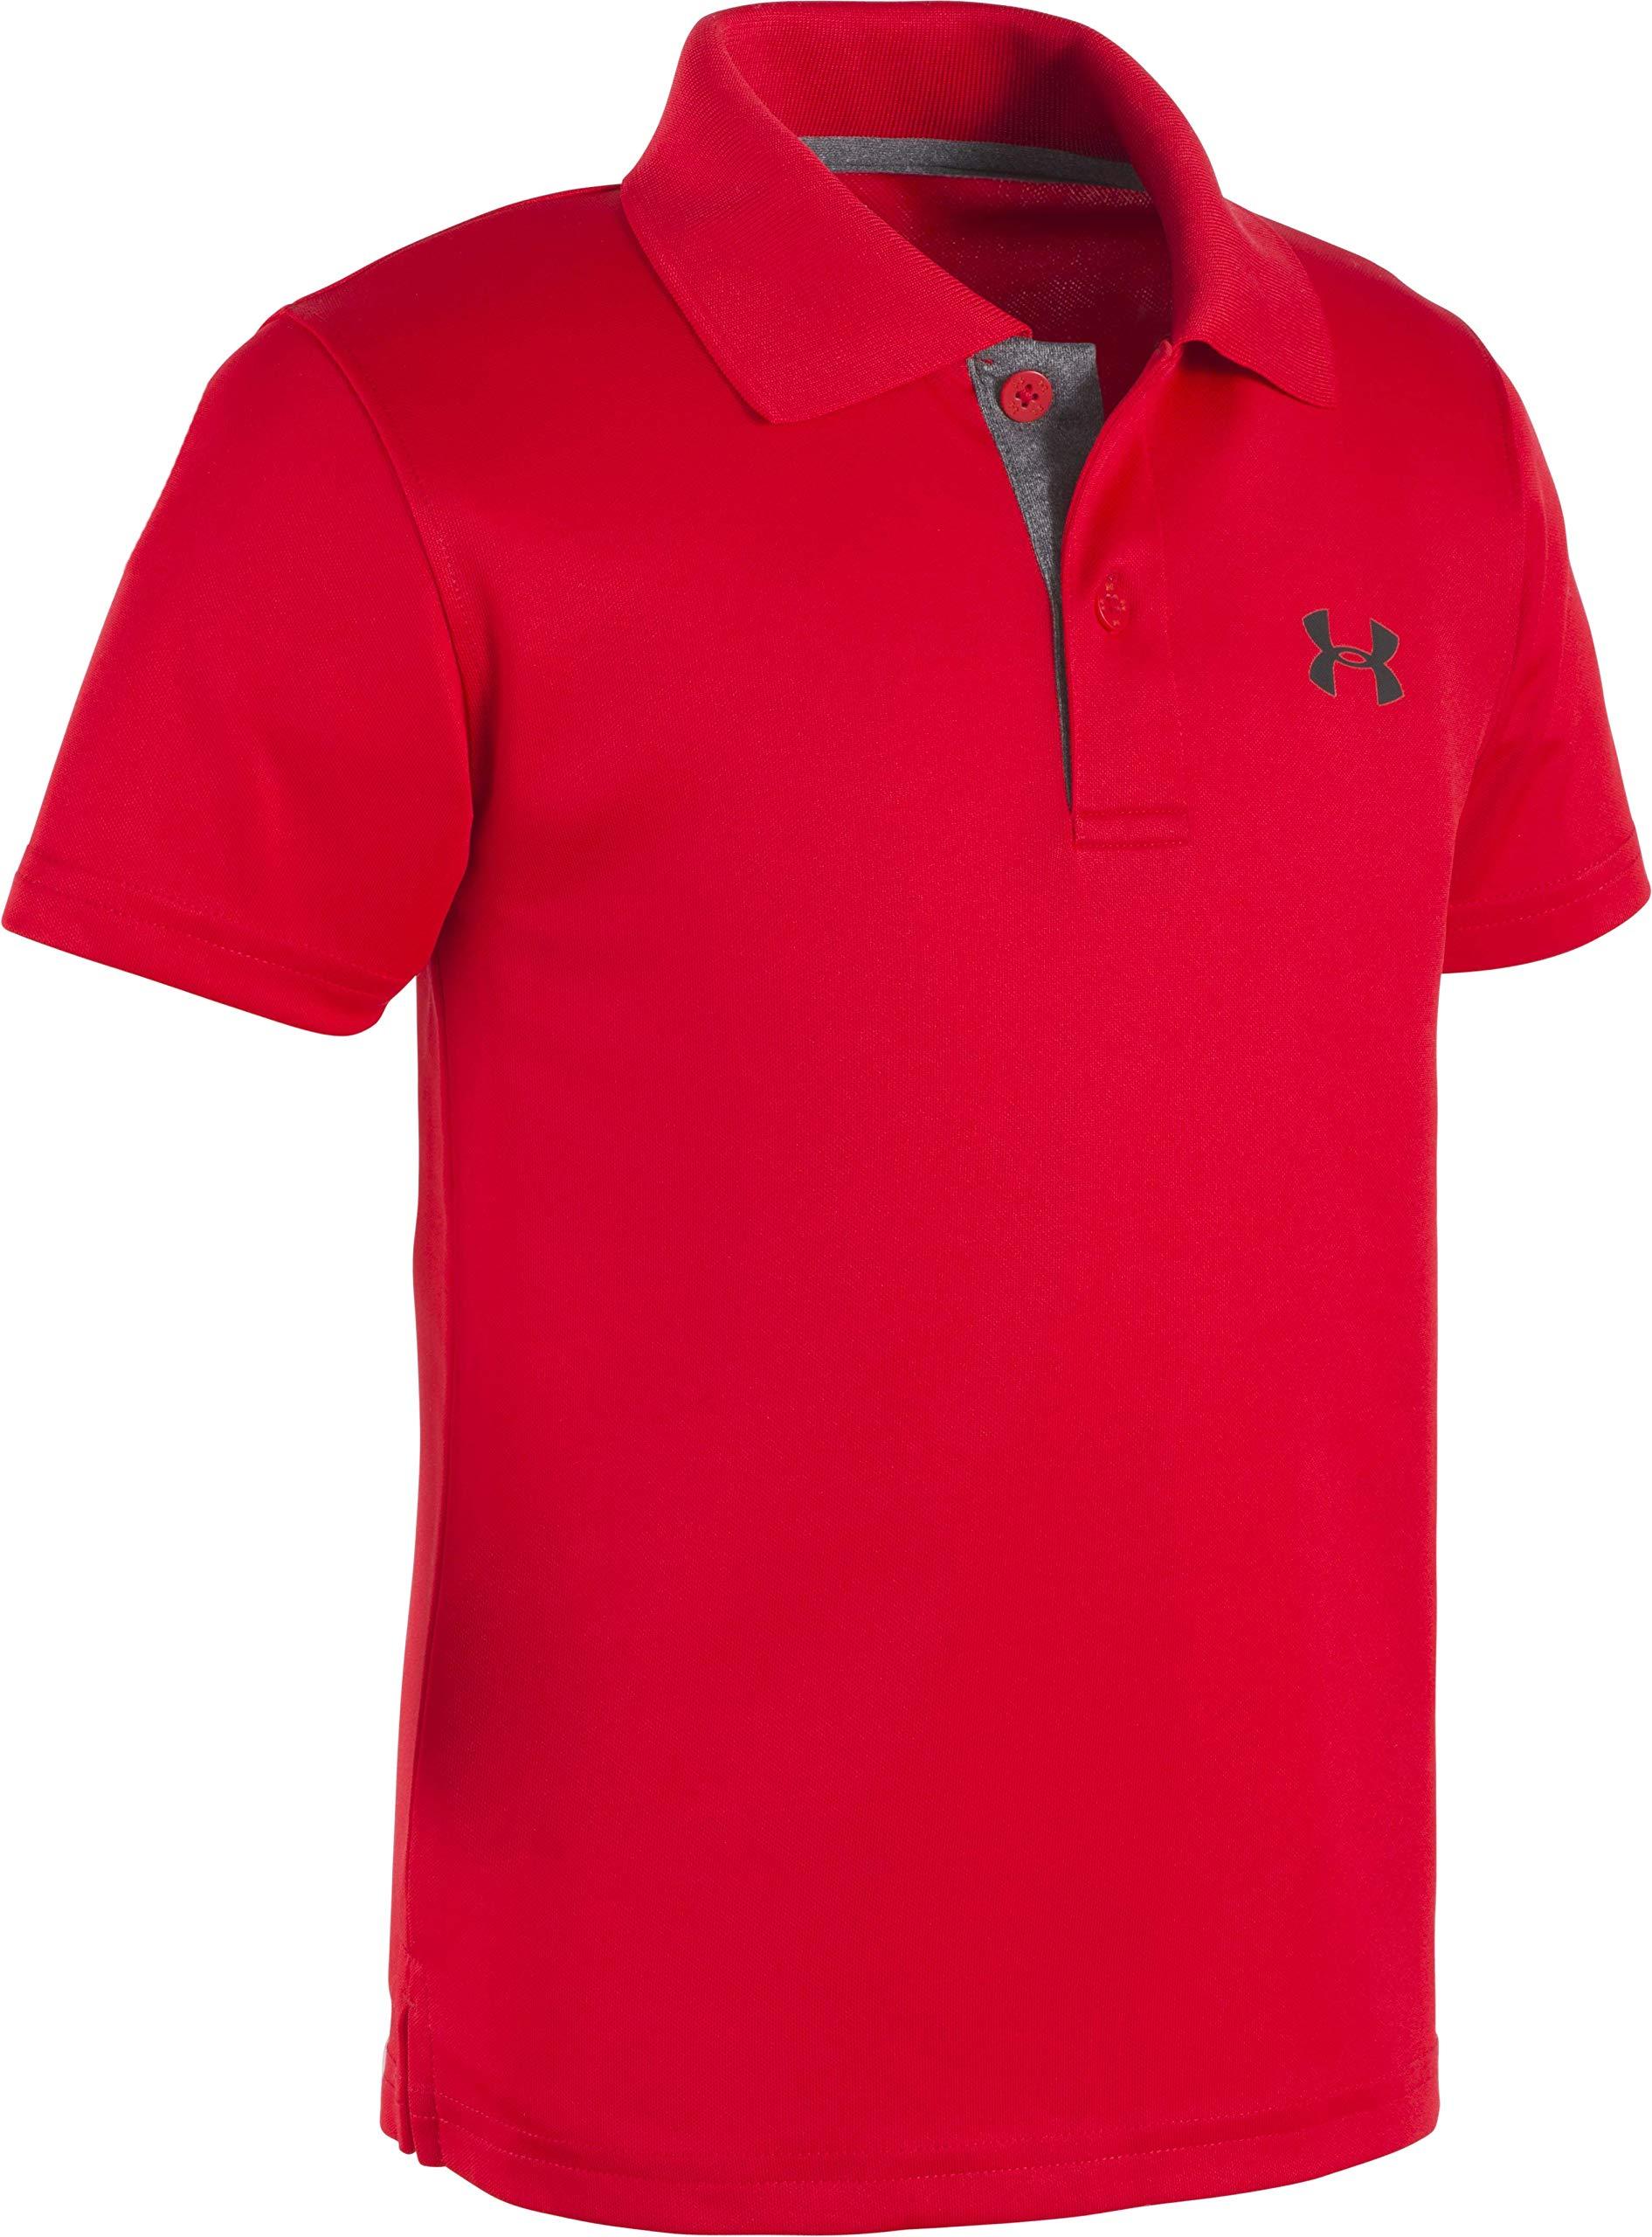 Under Armour Little Boys' Ua Logo Short Sleeve Polo, Red, 5